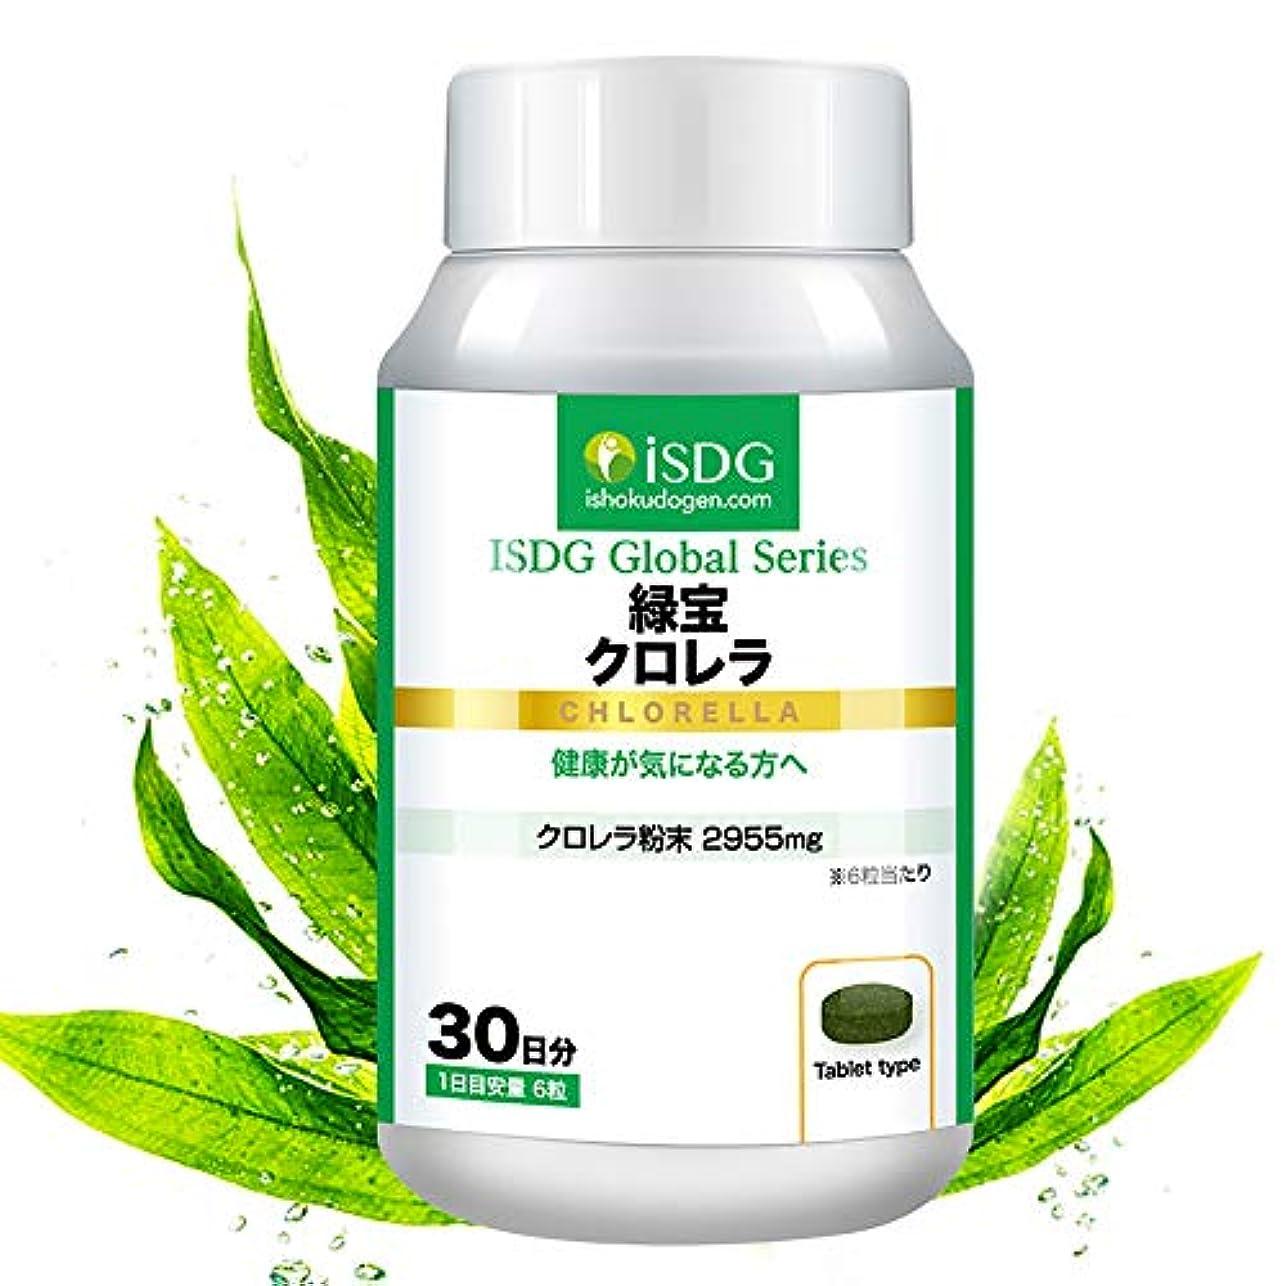 ISDG 緑宝 クロレラ 180粒/ボトル